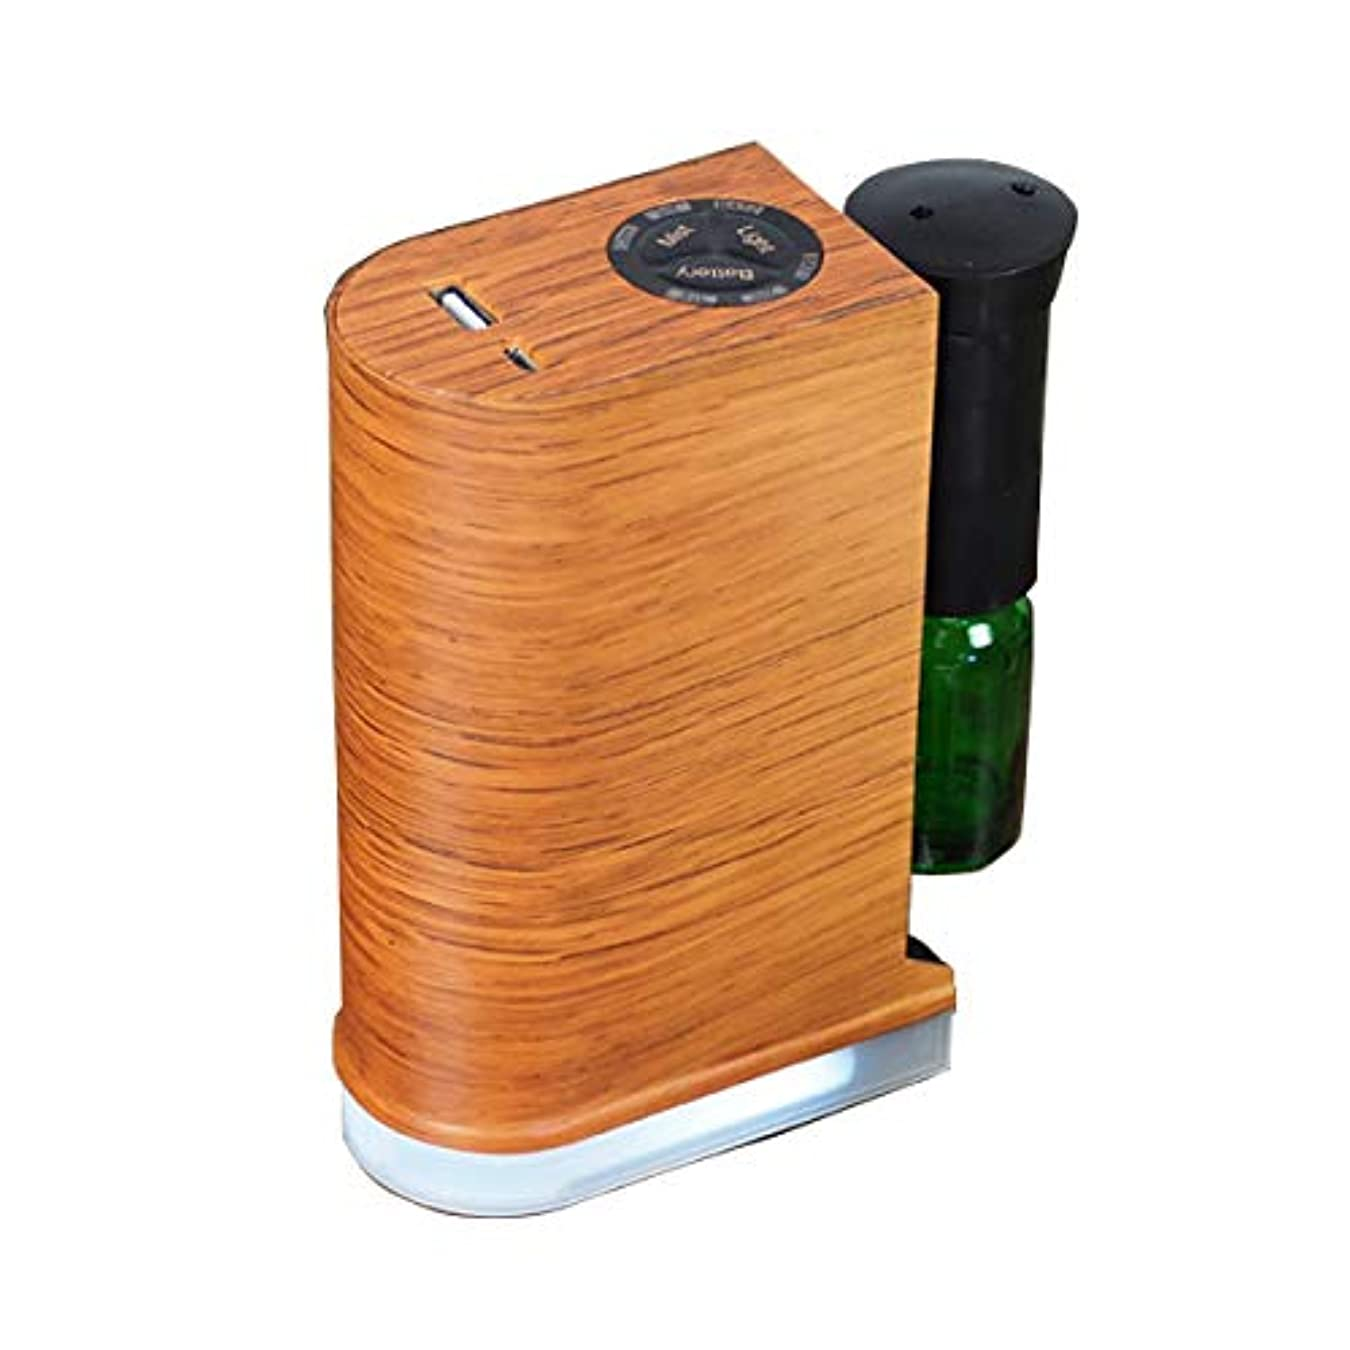 組立ラフ睡眠オペレーターアロマデュフューザー 水を使わない ネブライザー式アロマディフューザー LED搭載 アロマオイル 精油 アロマ芳香 (ブラウン)